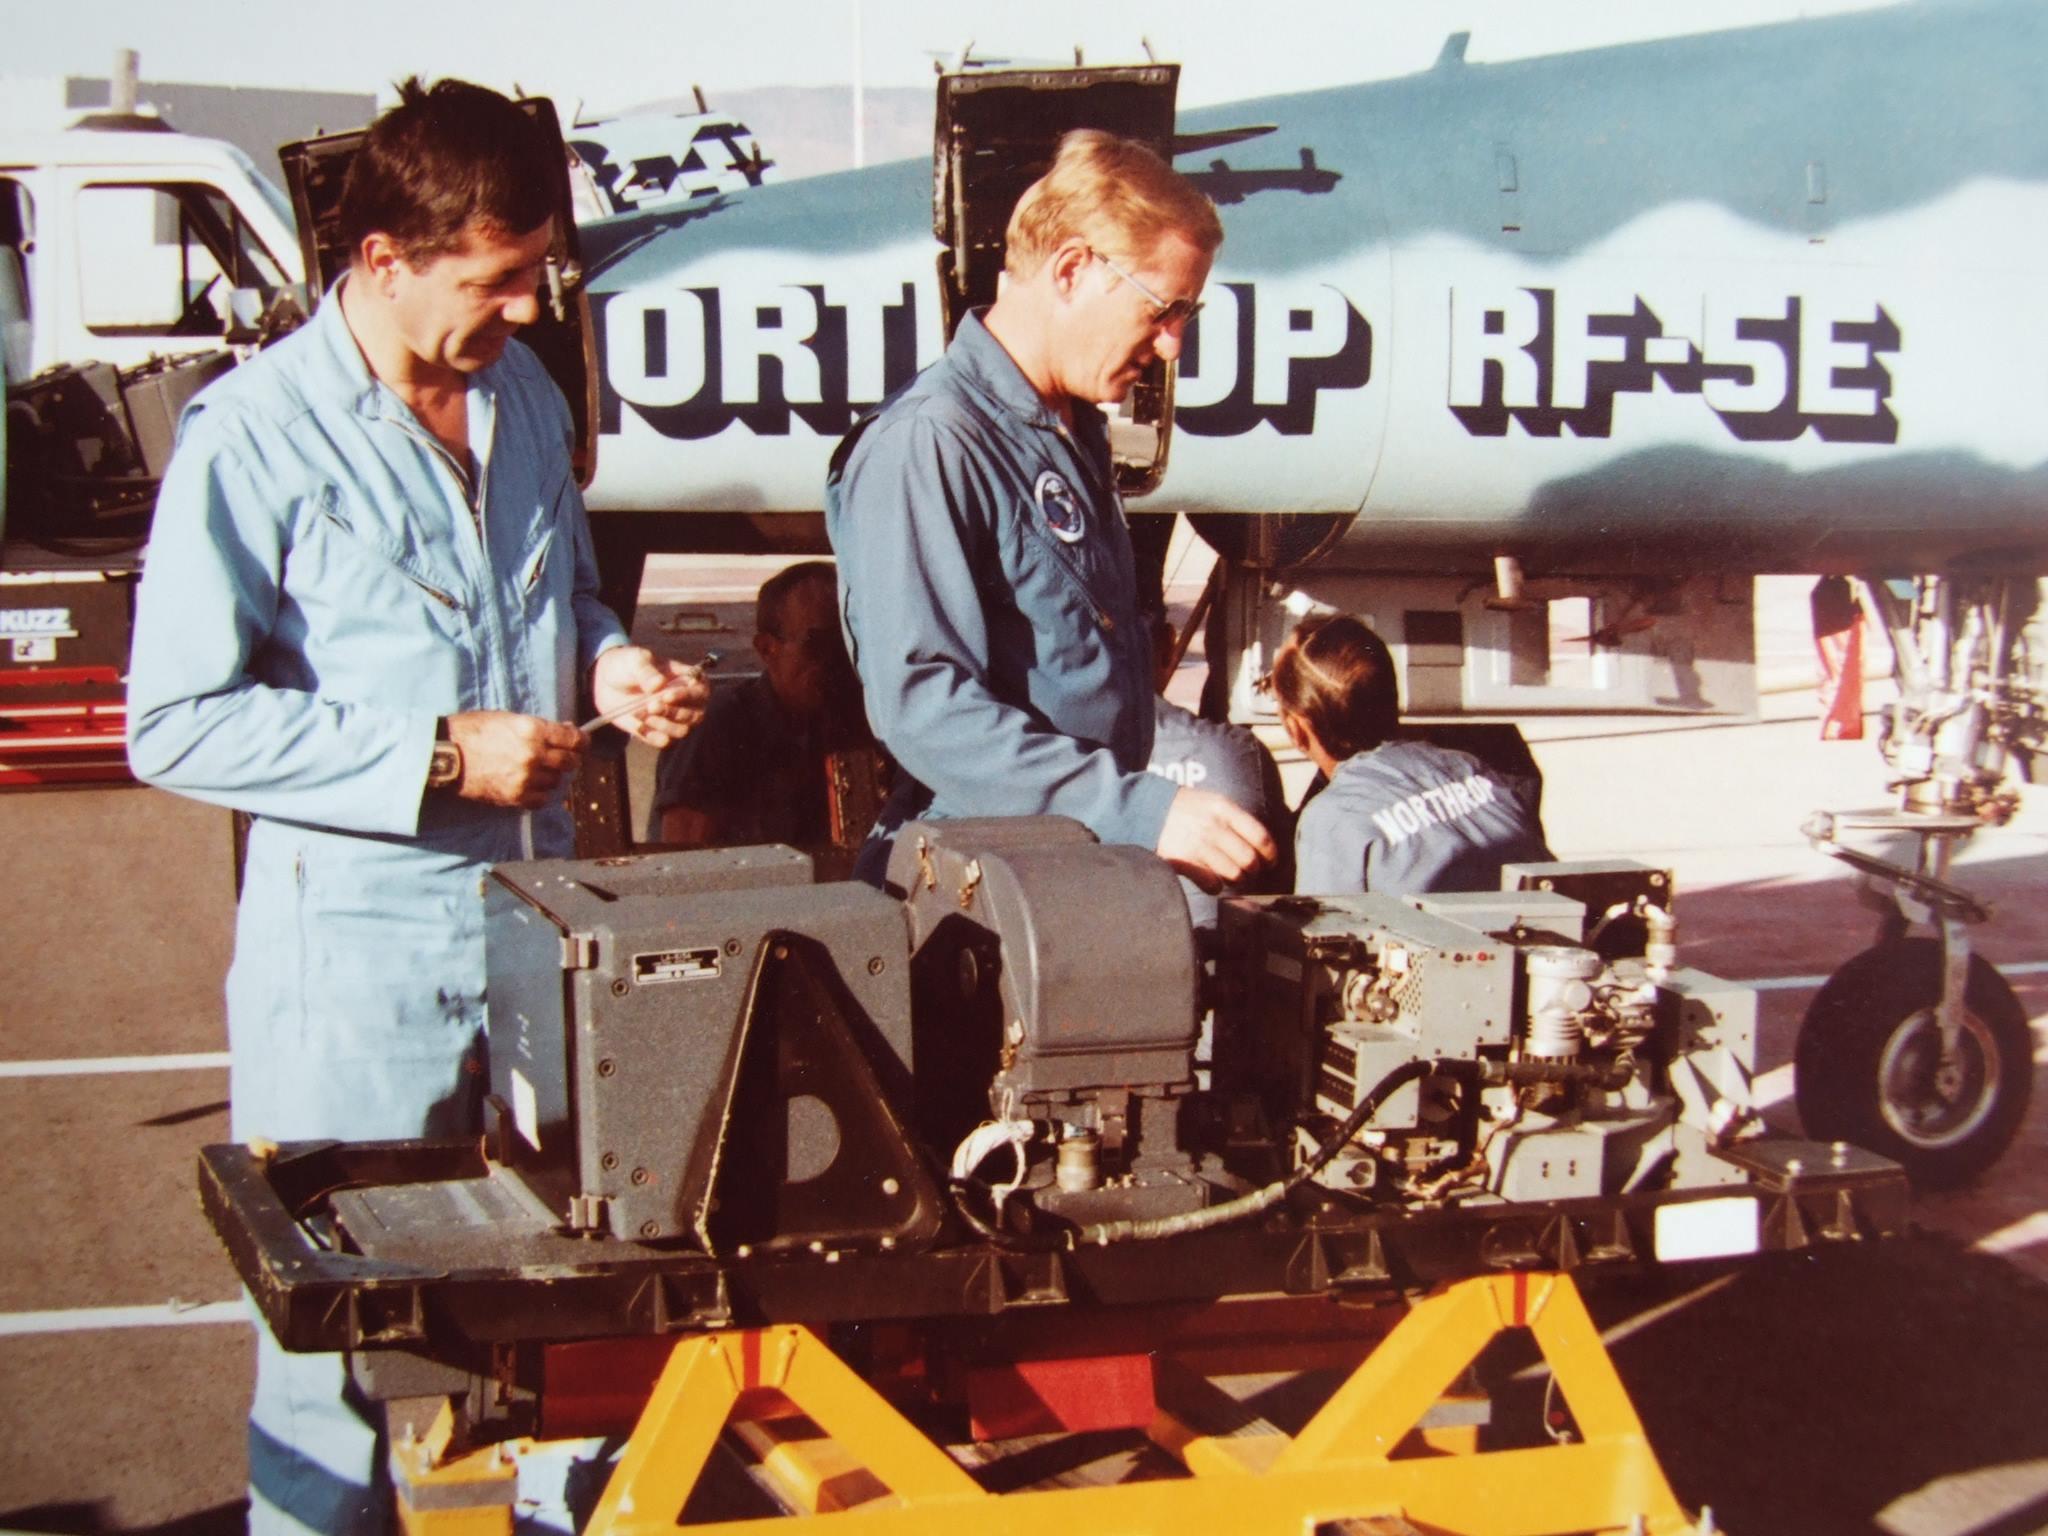 ISPITIVANJE PROTOTIPA AVIONA RF–5E U SAD 1980. GODINE 00d7f86e9c4b011946e8b89adcd301d1058eb59f